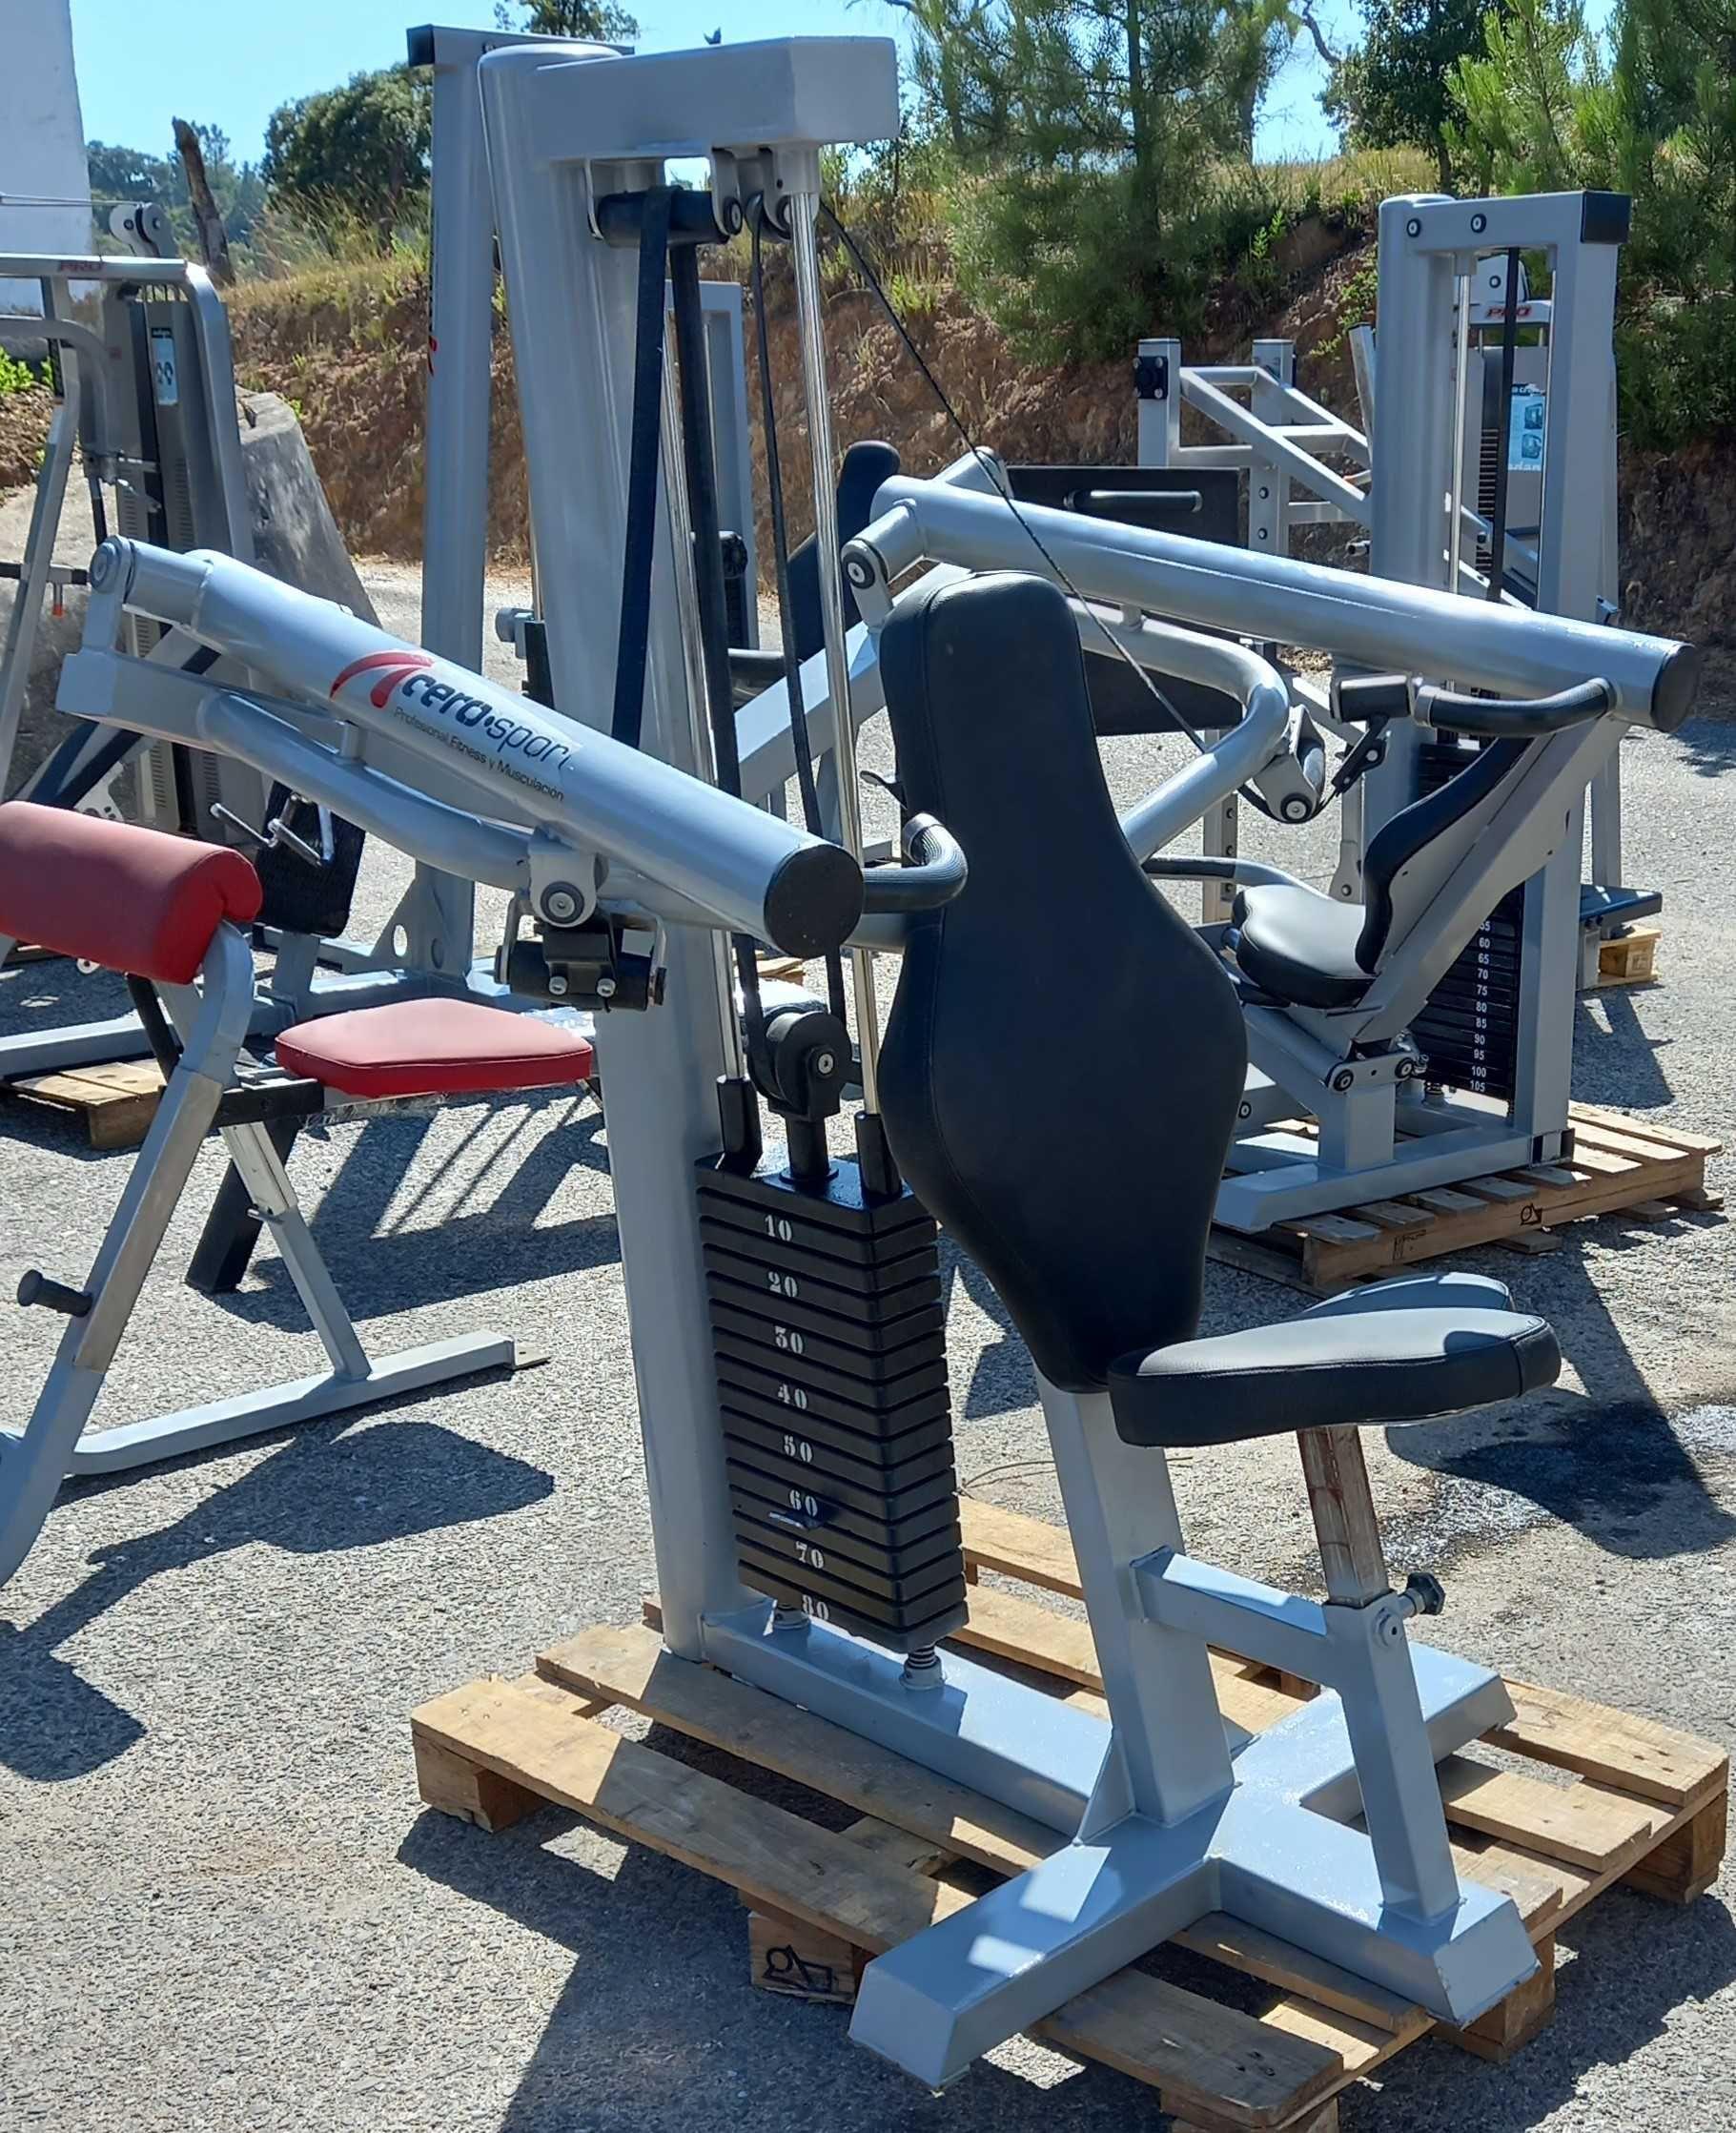 GYMAQ-Lote de máquinas de musculação